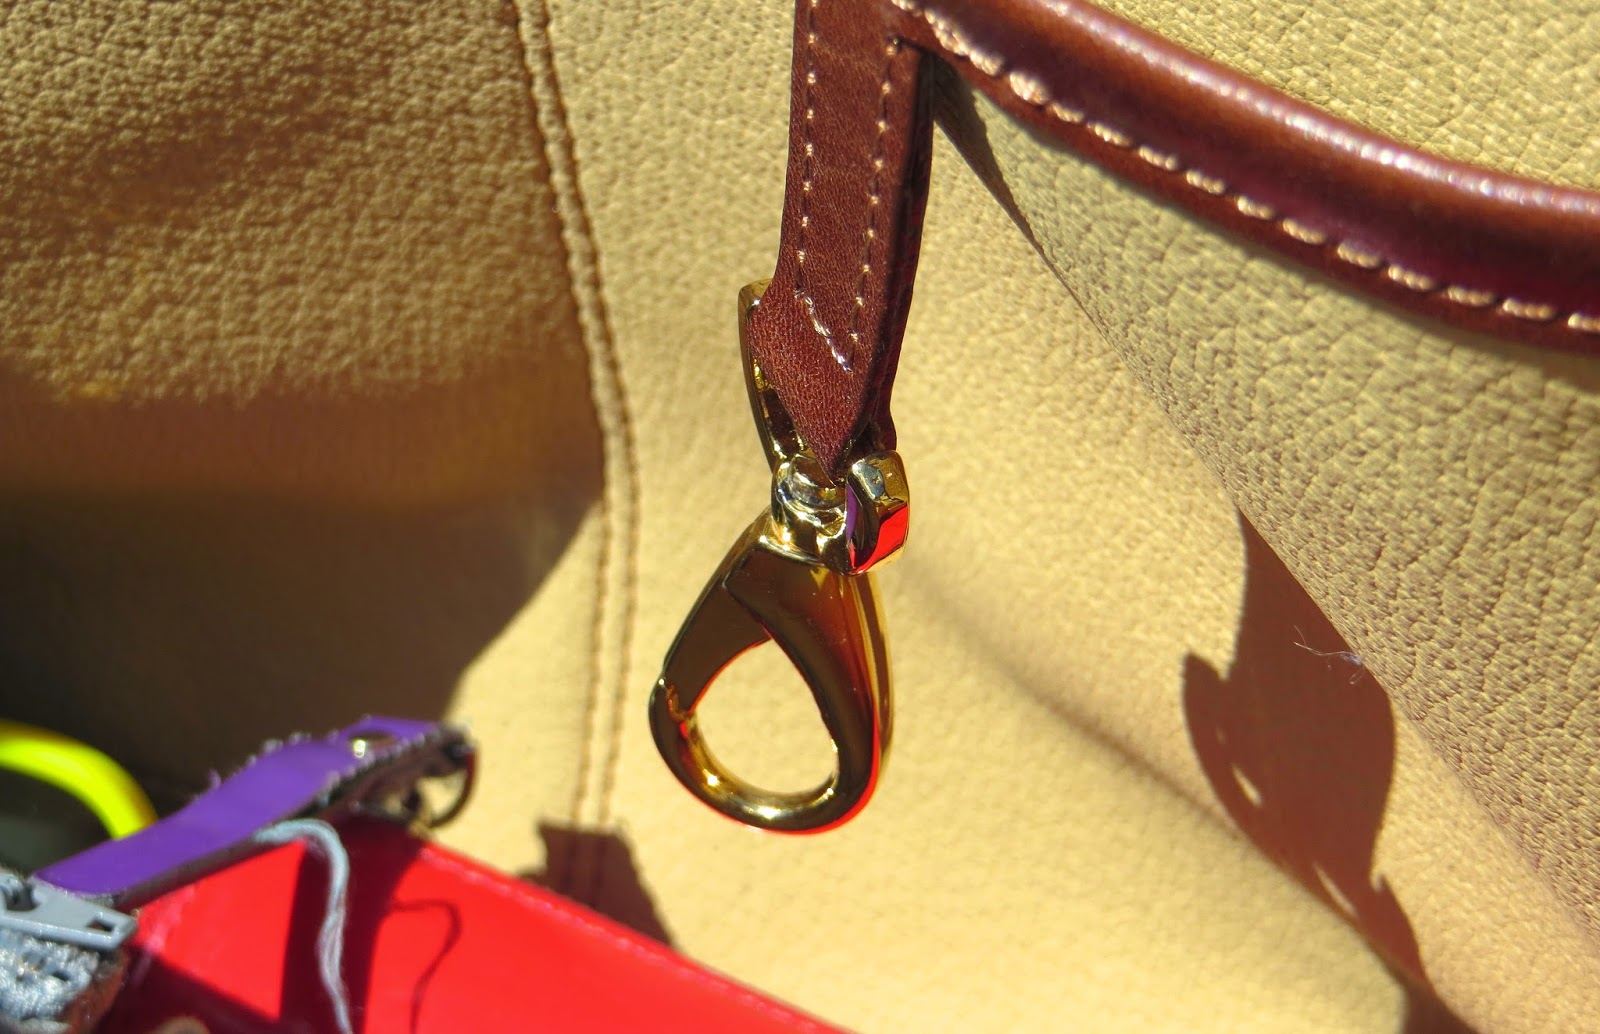 Brenda Macleod Fiona tan keyring detail - Hello, Handbag